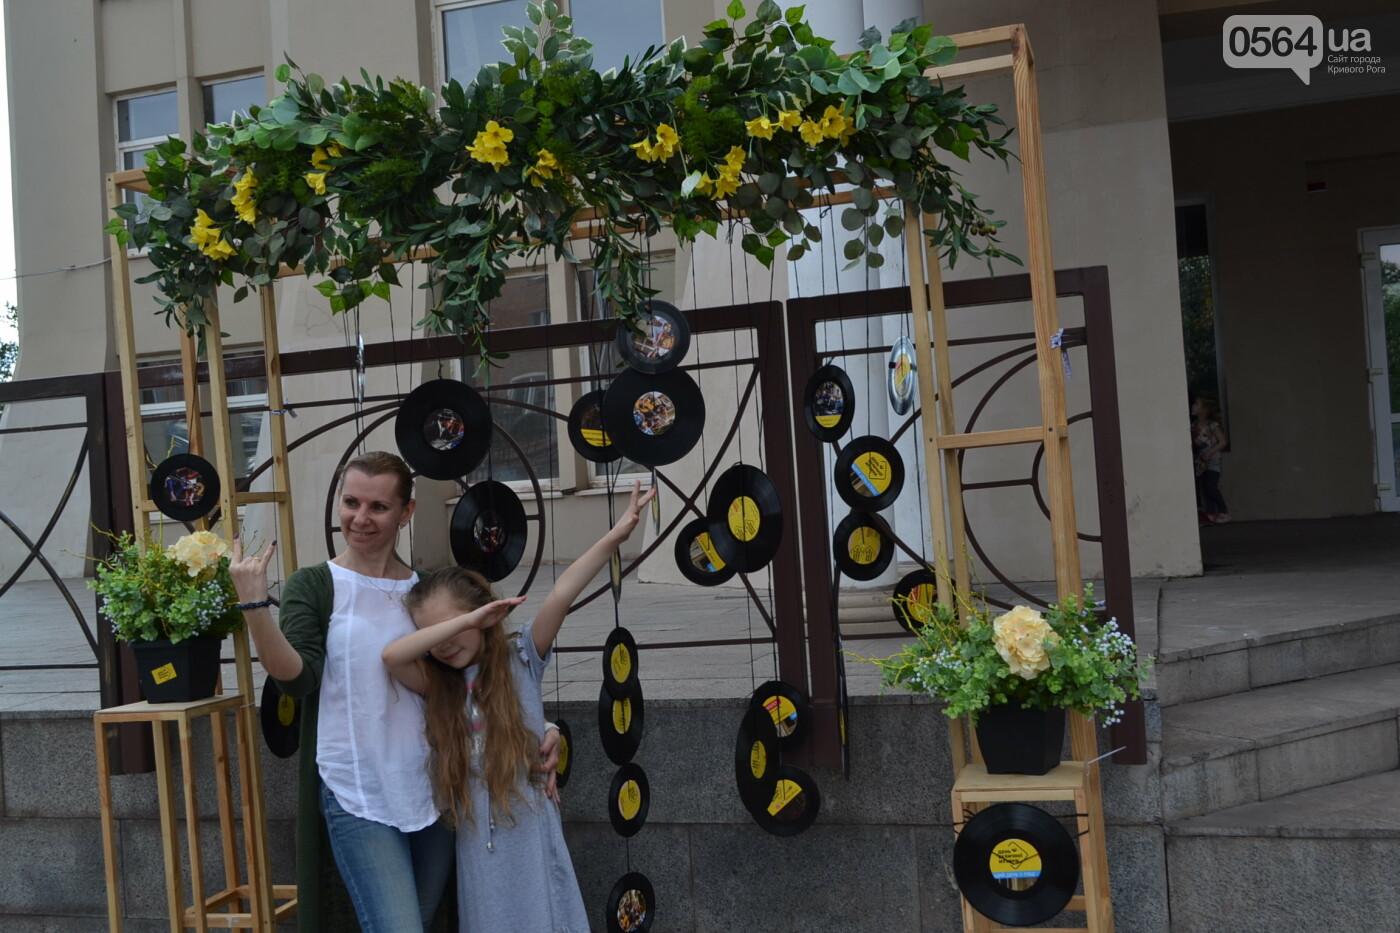 Играют все: на проспекте Почтовом в Кривом Роге проходит фестиваль уличной музыки, - ФОТО, ВИДЕО, фото-6